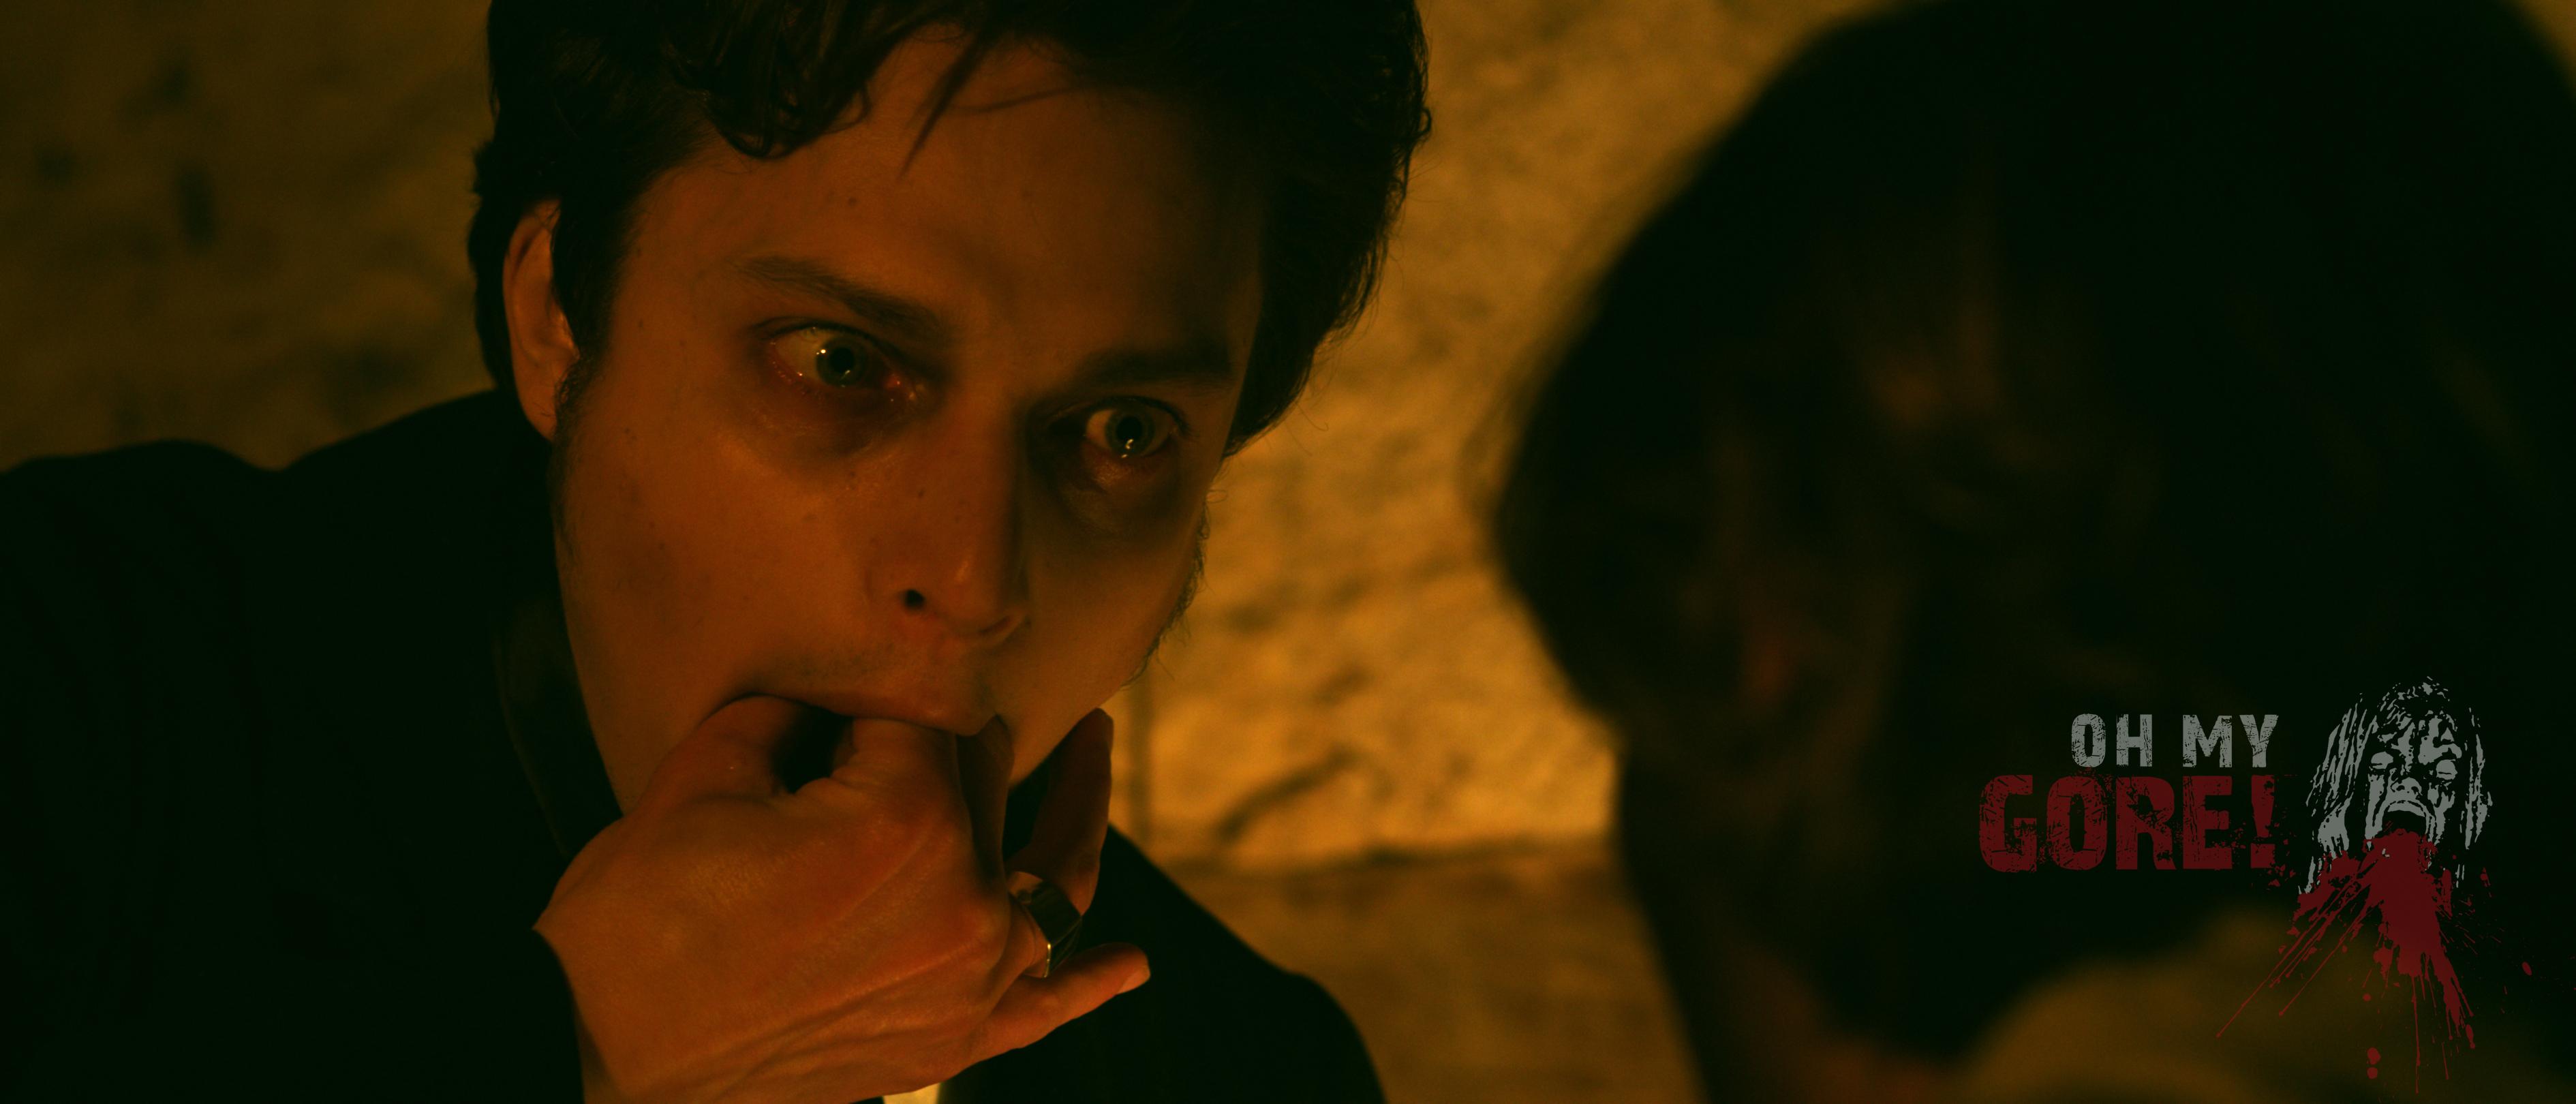 FEVER - Romain Bassets horror film